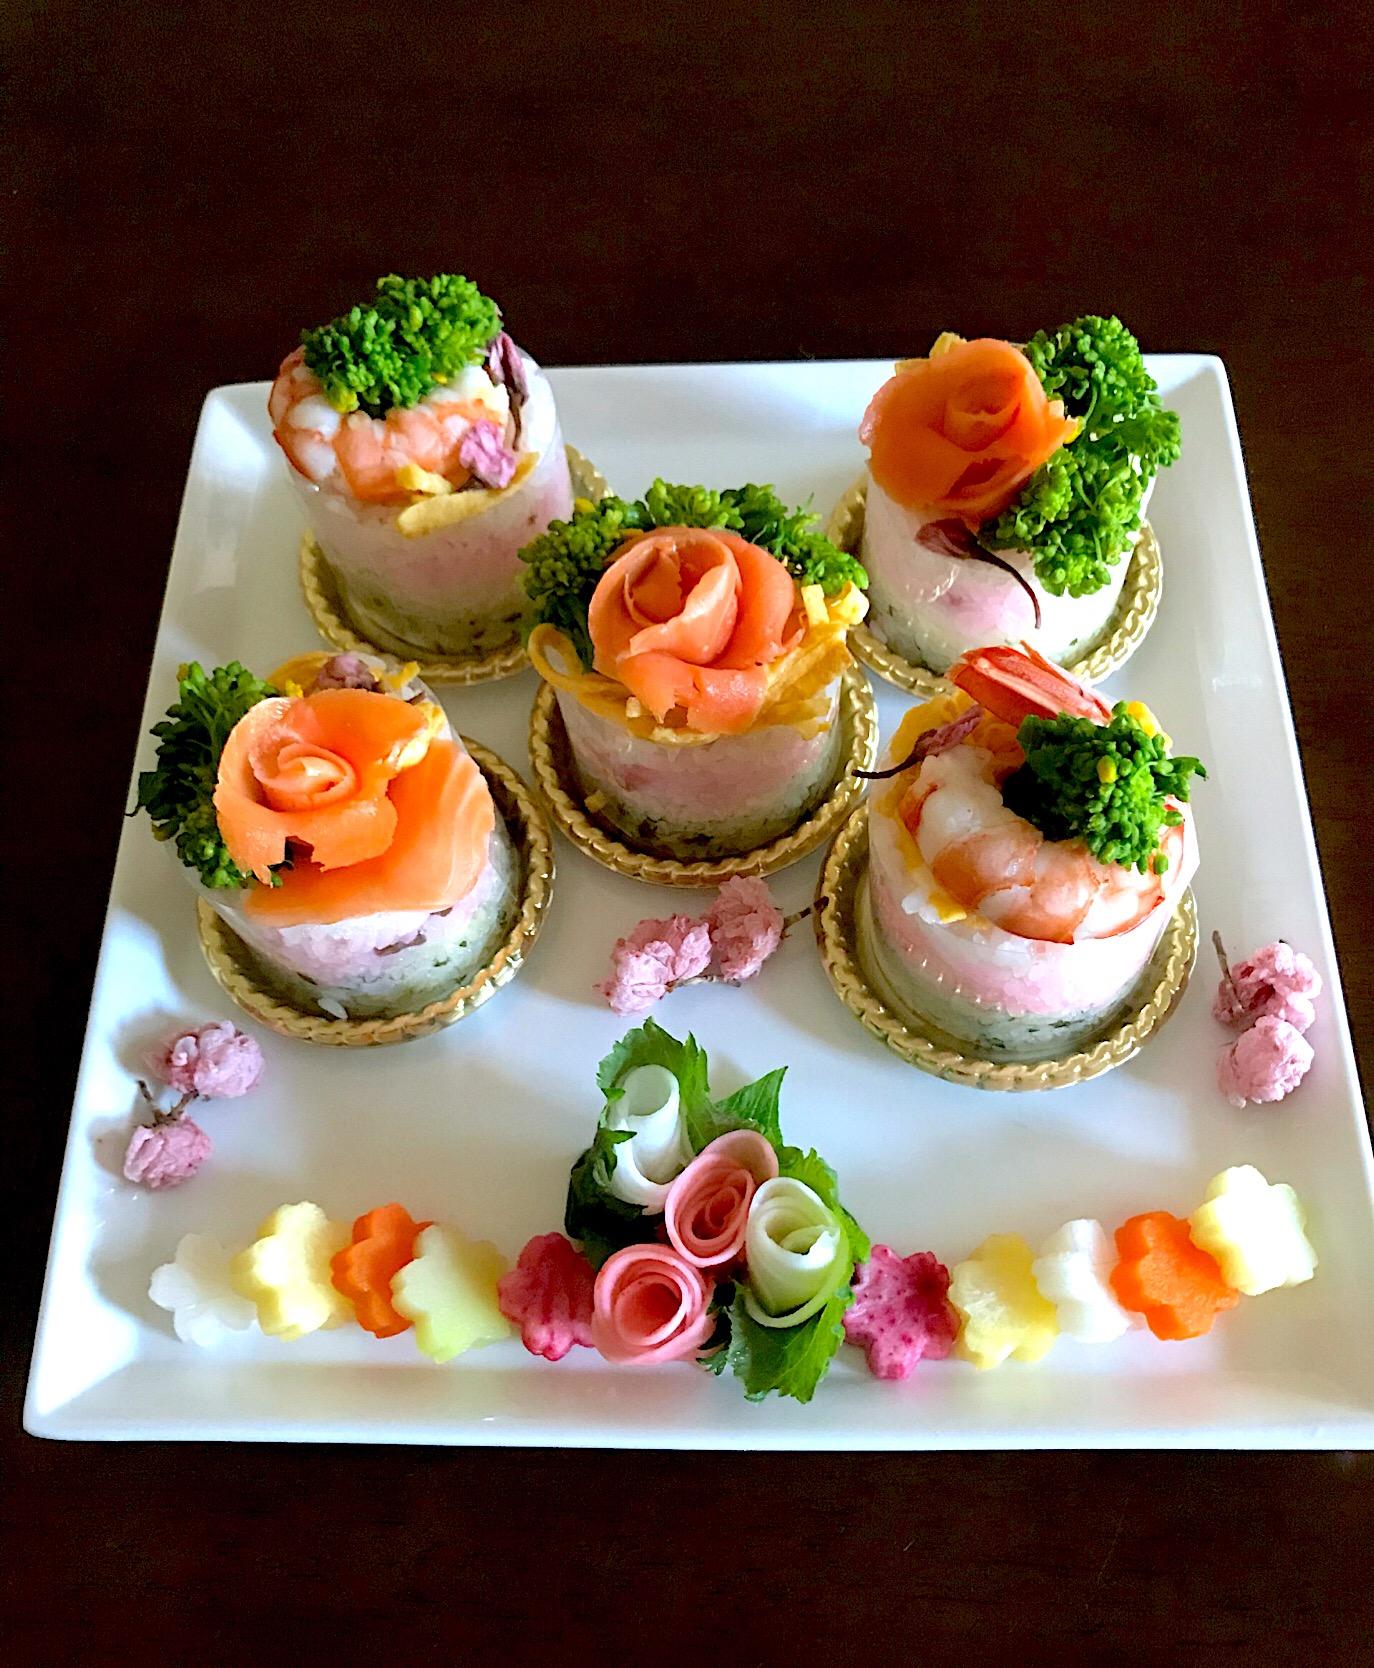 ひな祭りのケーキ寿司 マダム とんちんさんの料理 ちらし寿司